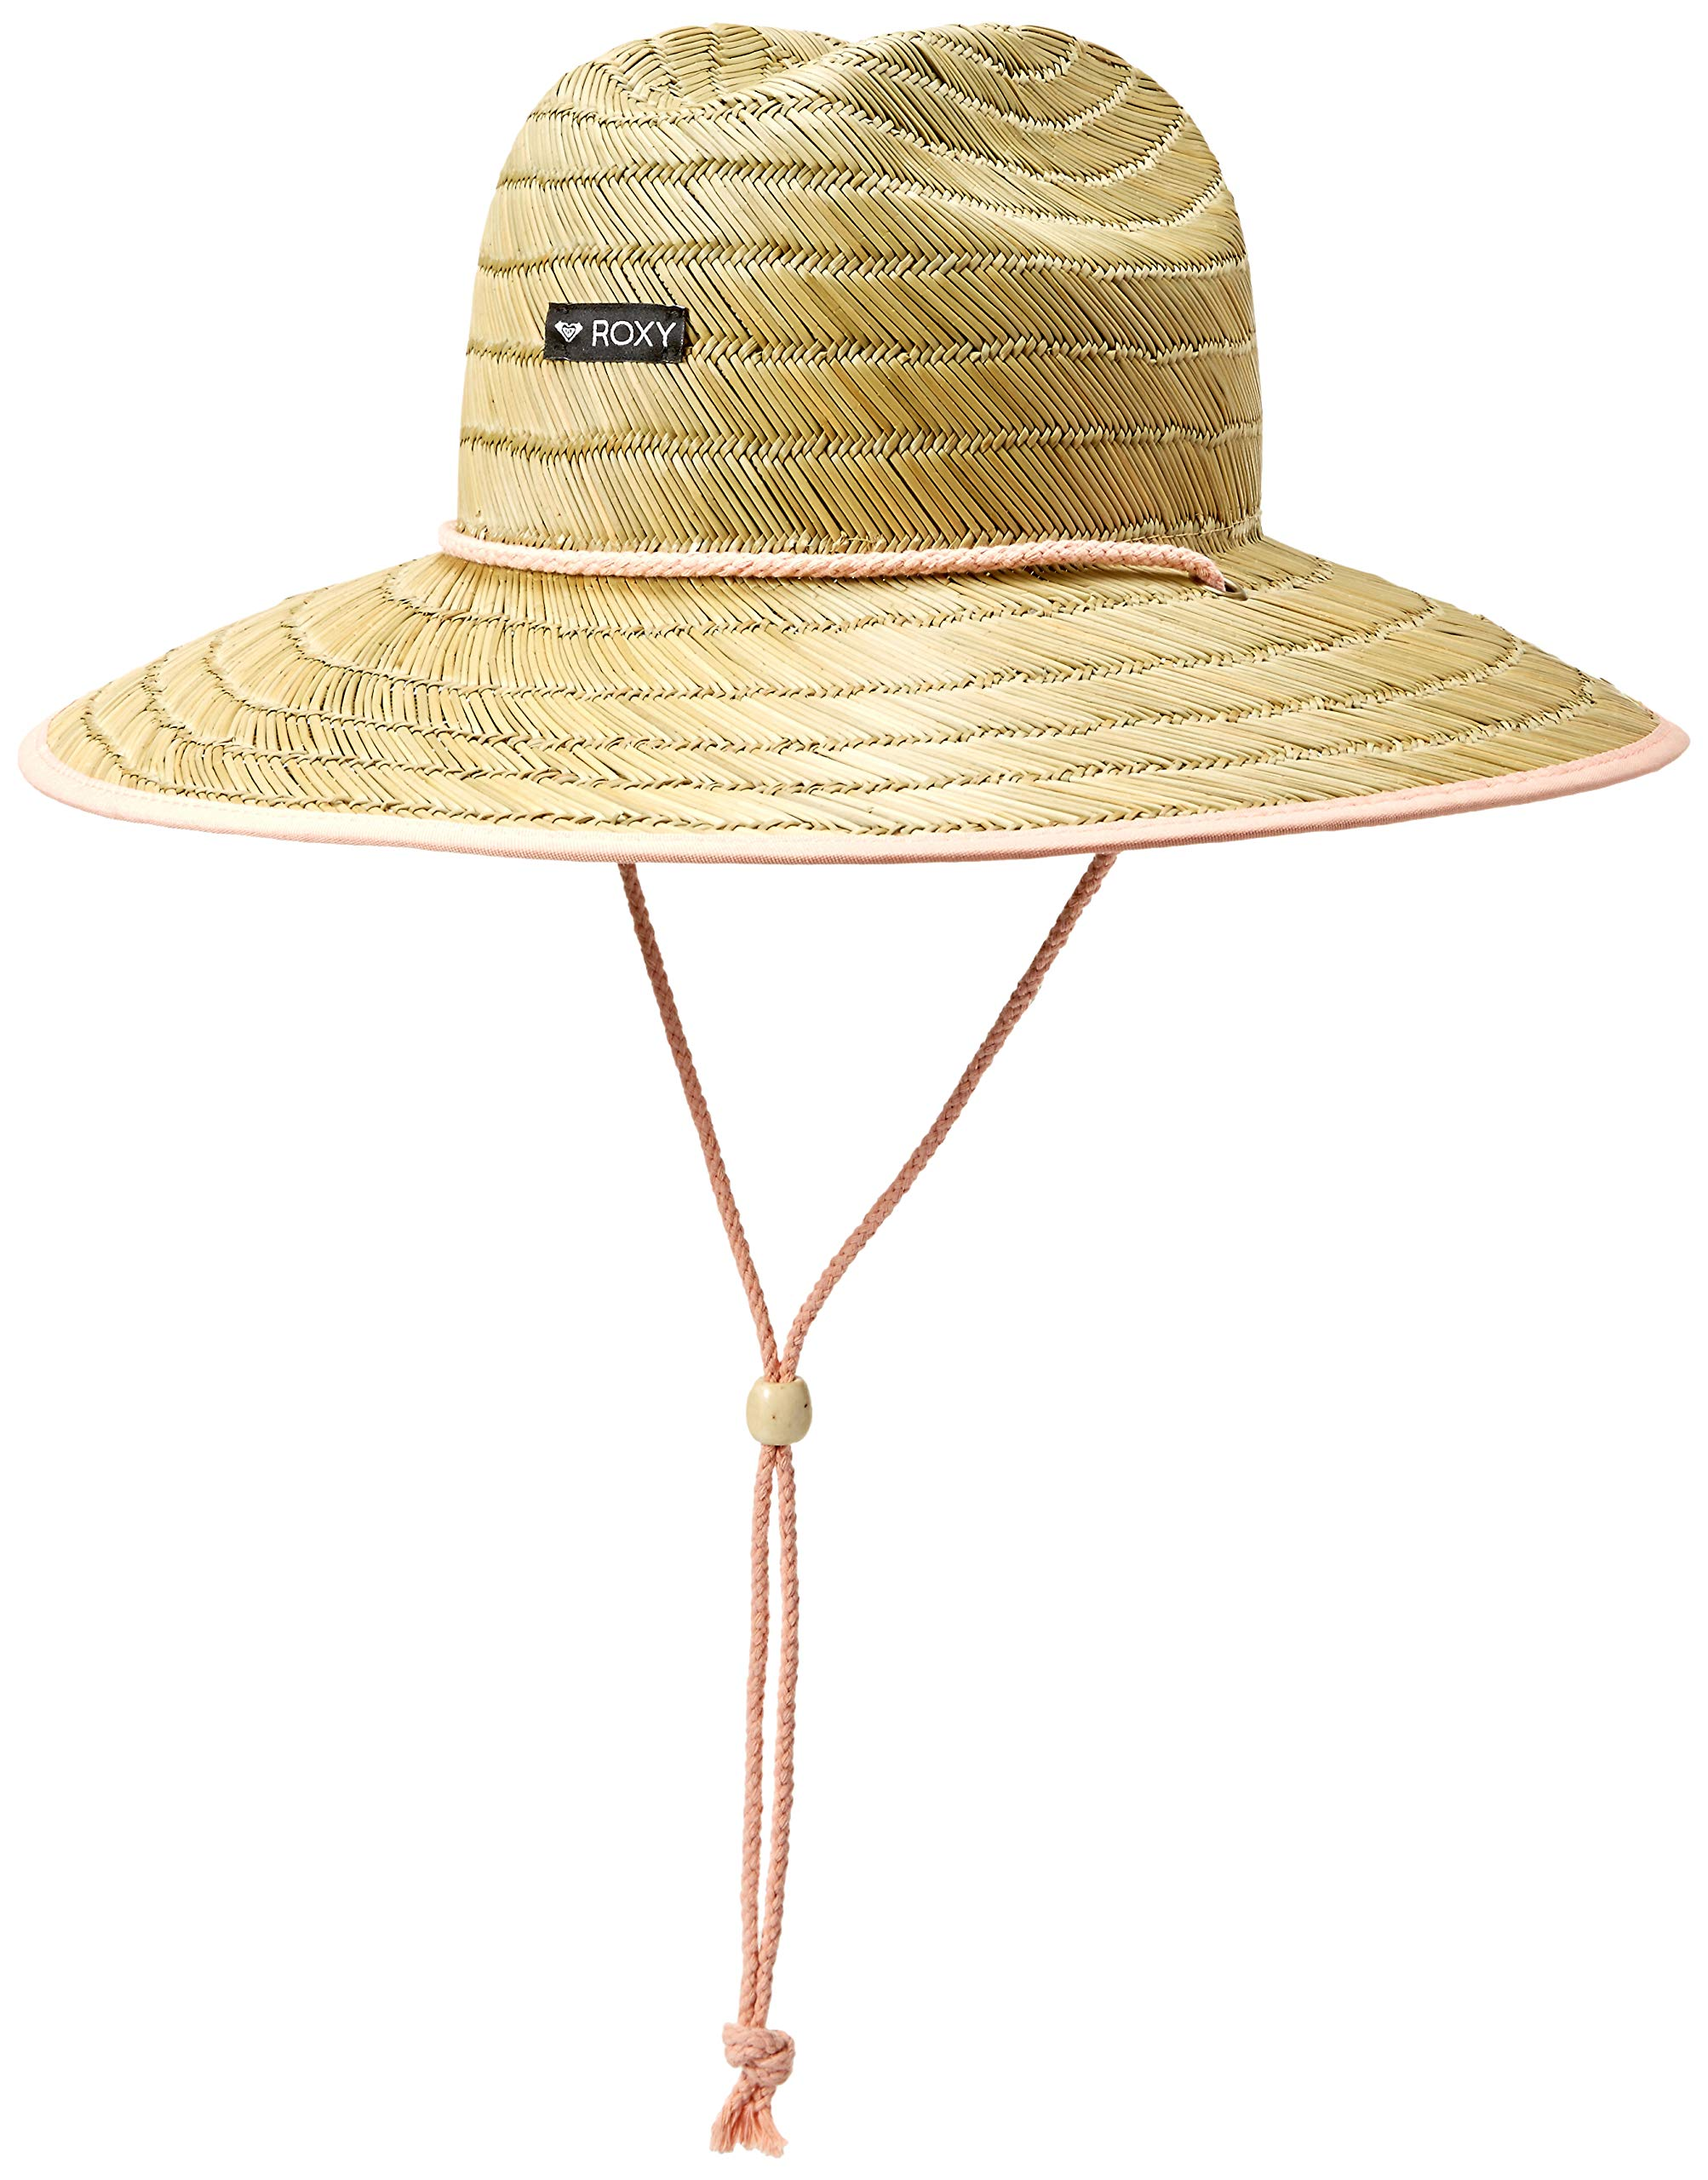 Roxy Little Tomboy Girl Sun HAT, Peach Bud, 1SZ by Roxy (Image #1)